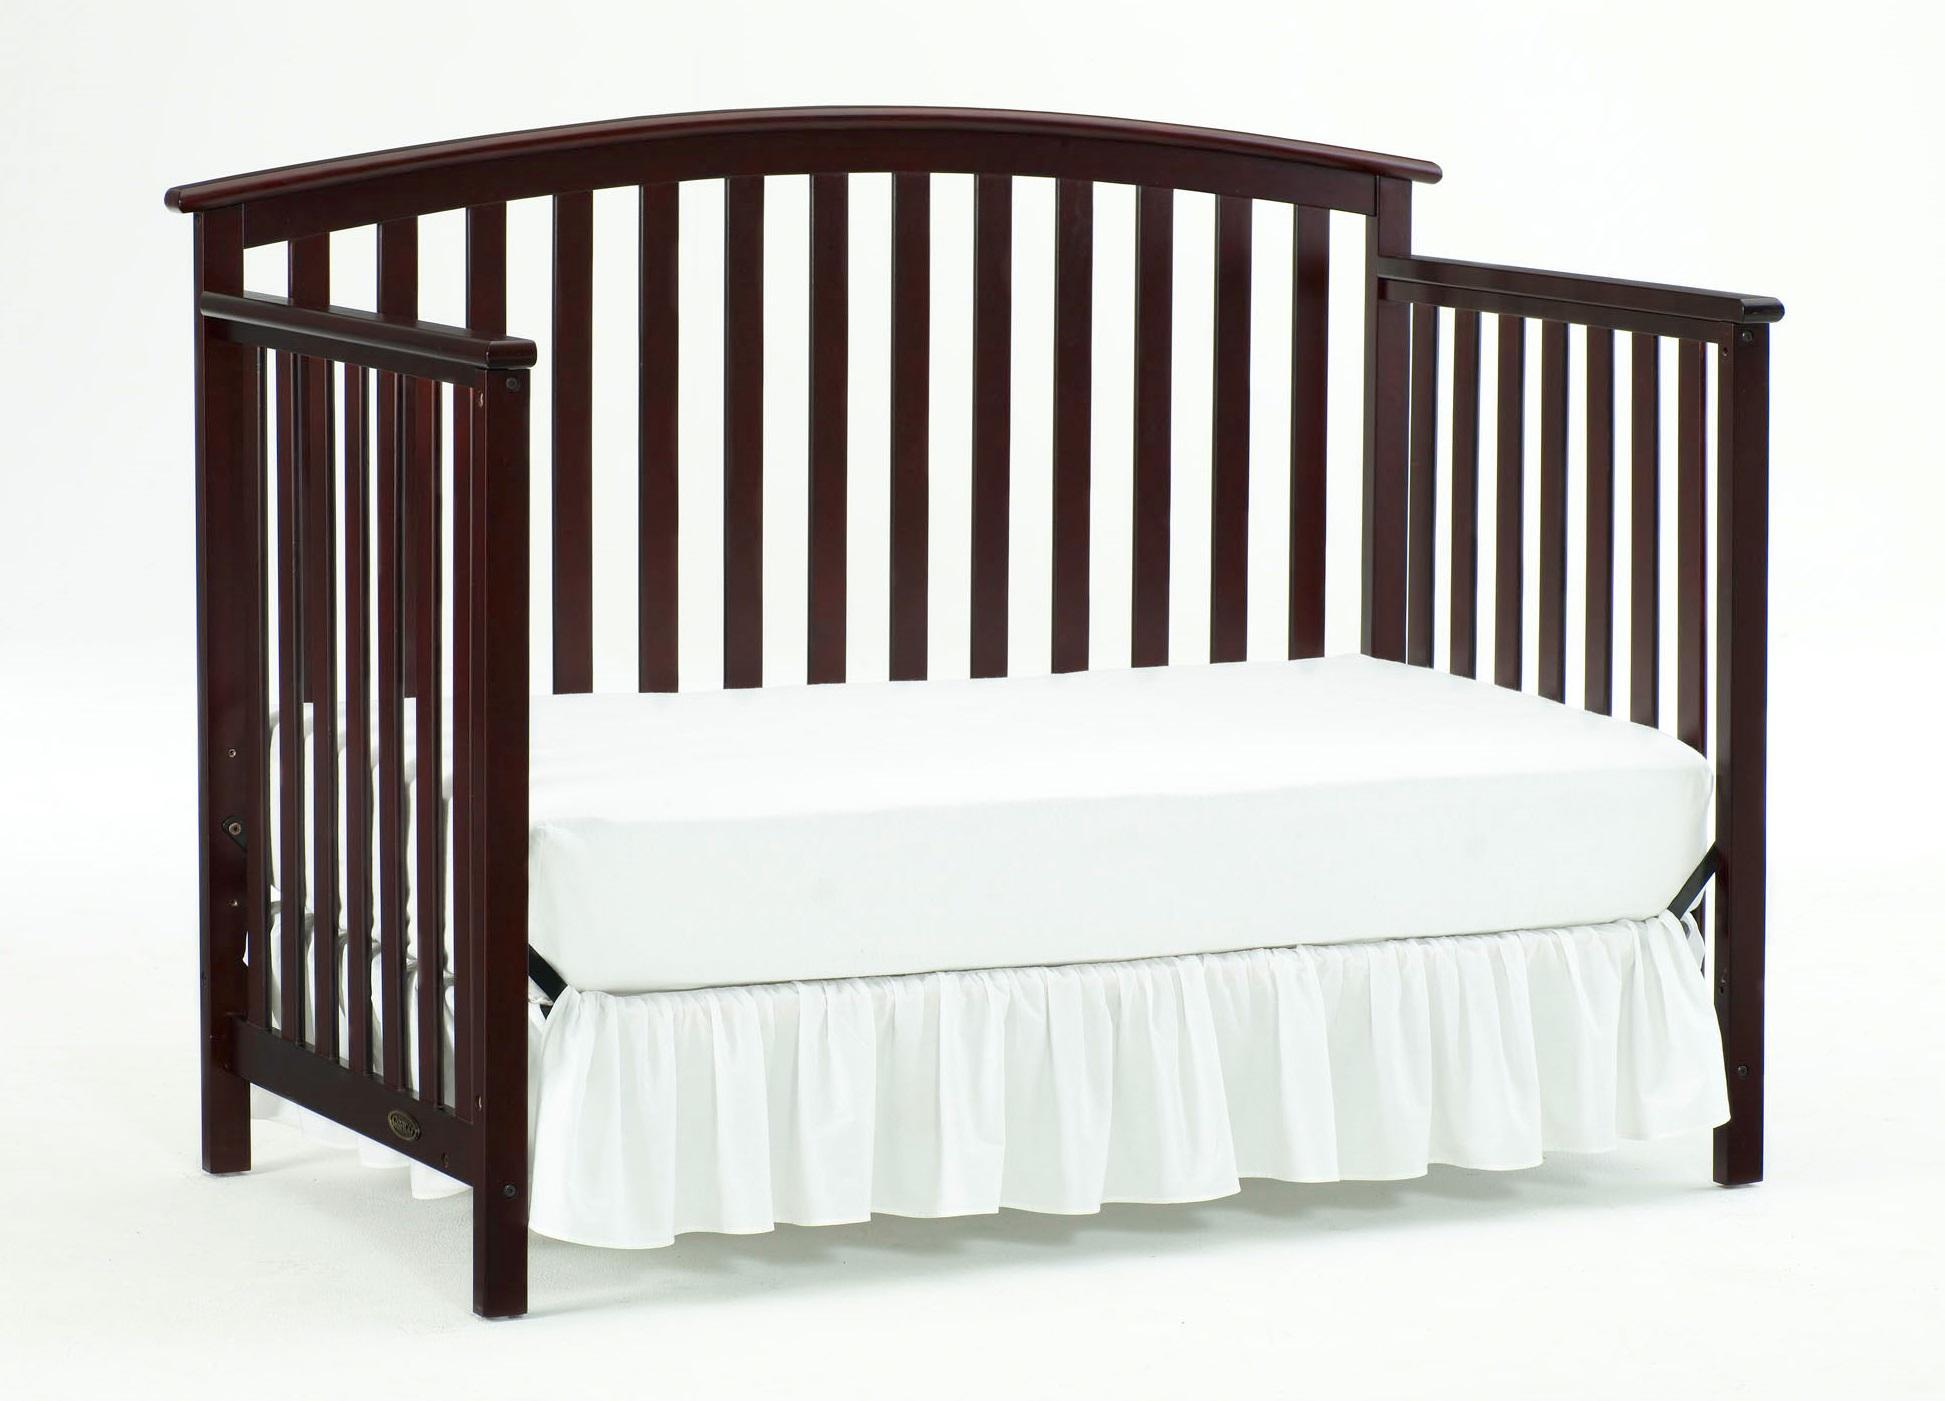 Graco Freeport Convertible Crib Cherry Amazon Ca Baby